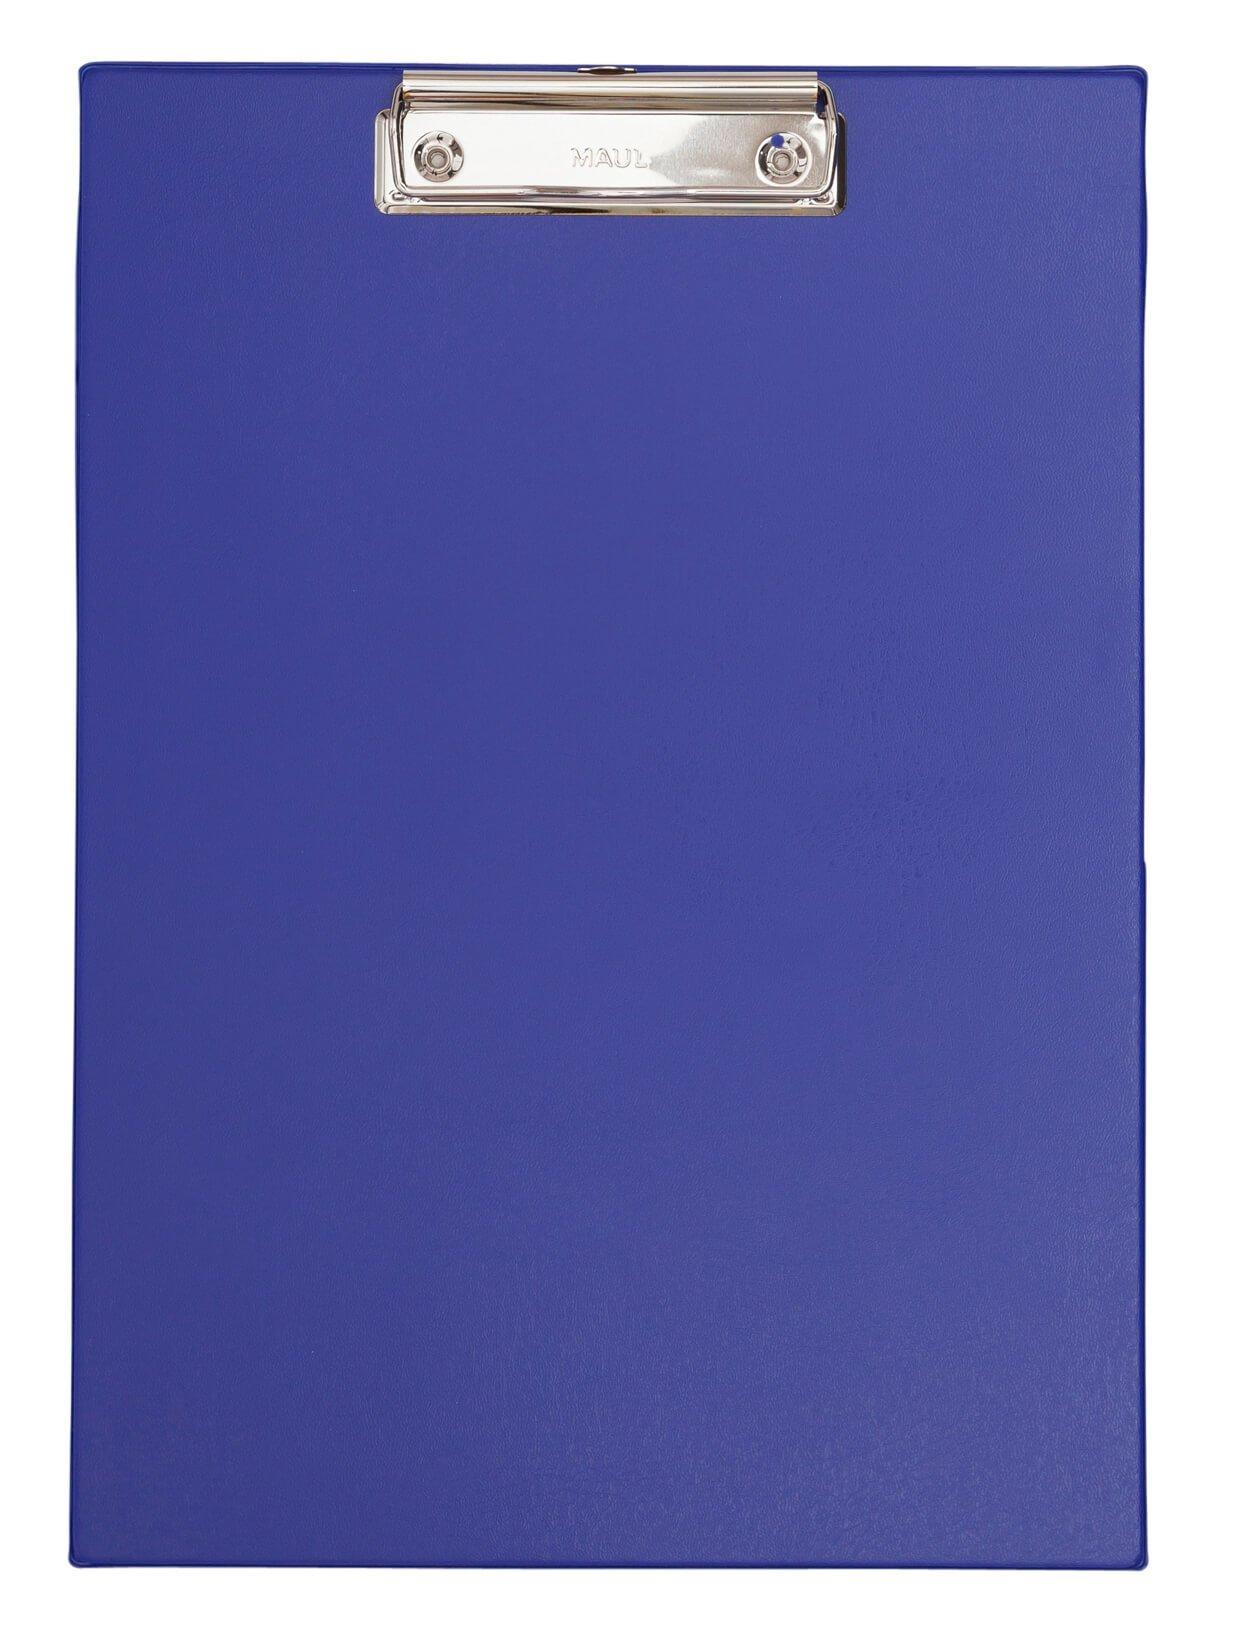 A4 Schreibplatte mit Folien- überzug, blau